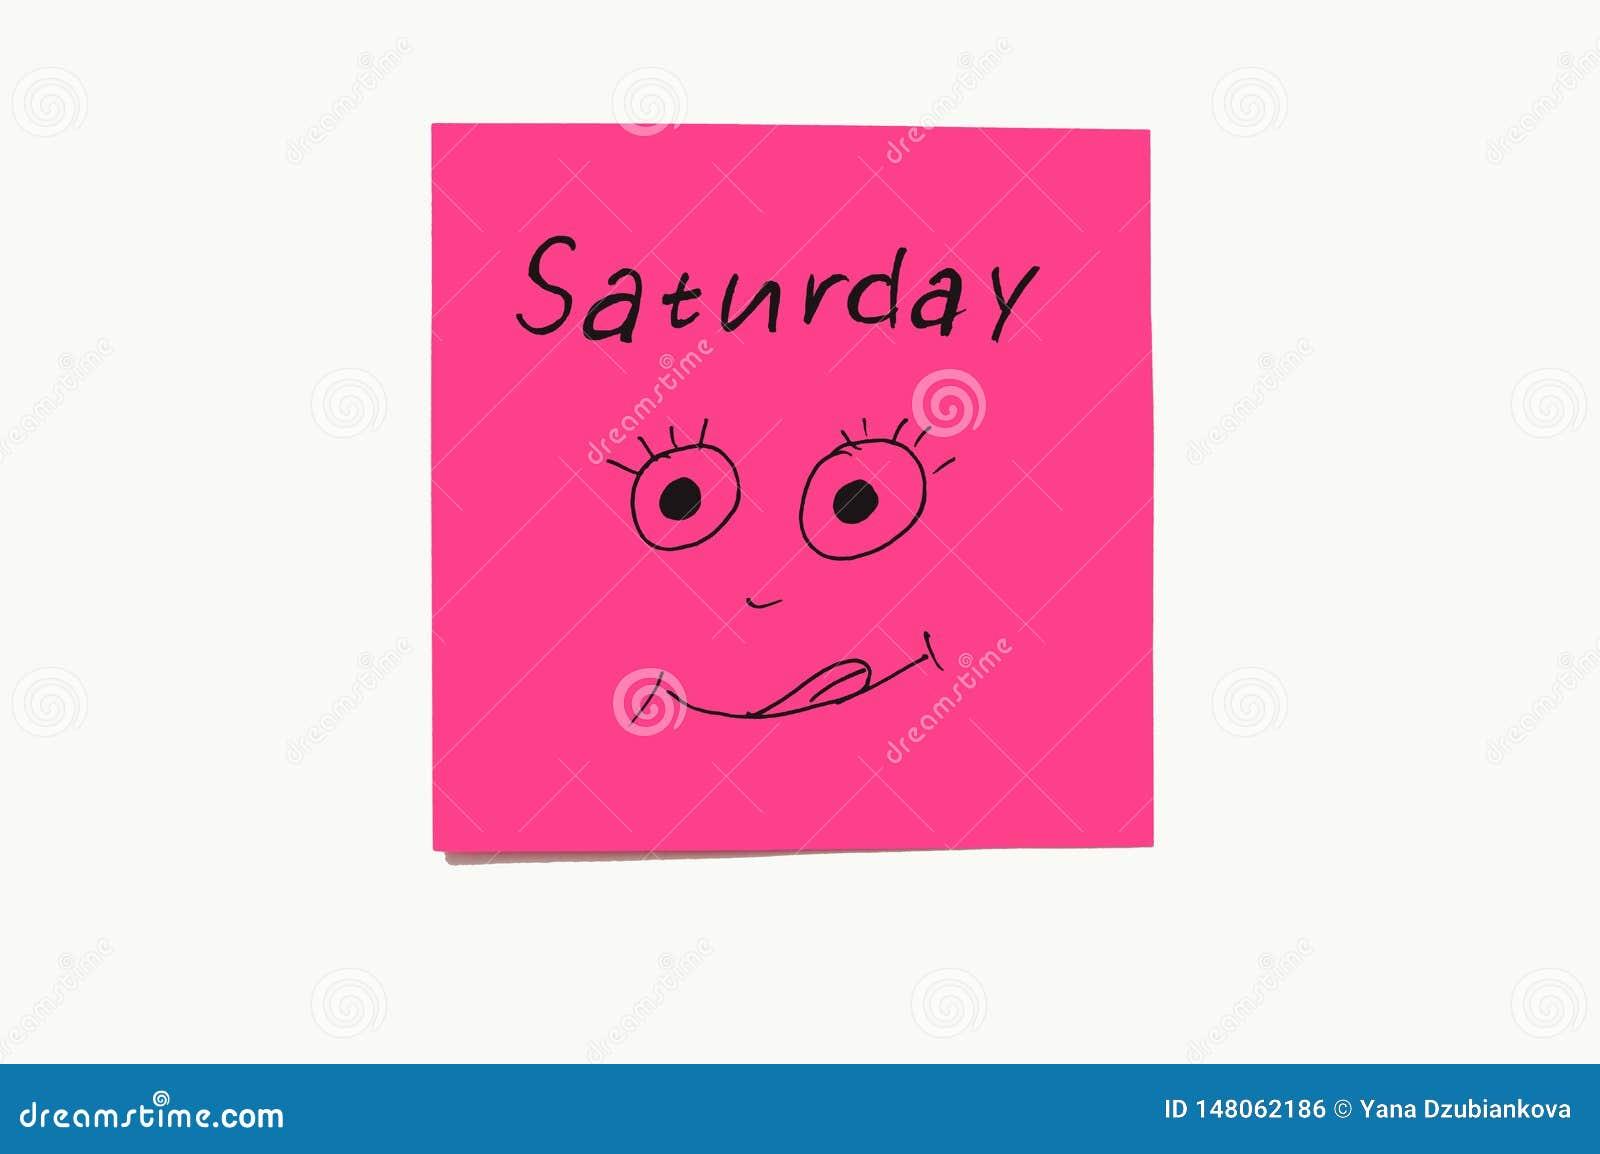 Nota sstickers om de dagen aan de week te herinneren Grappige nota s met geschilderde emoties, die op de dagen van de week wijzen